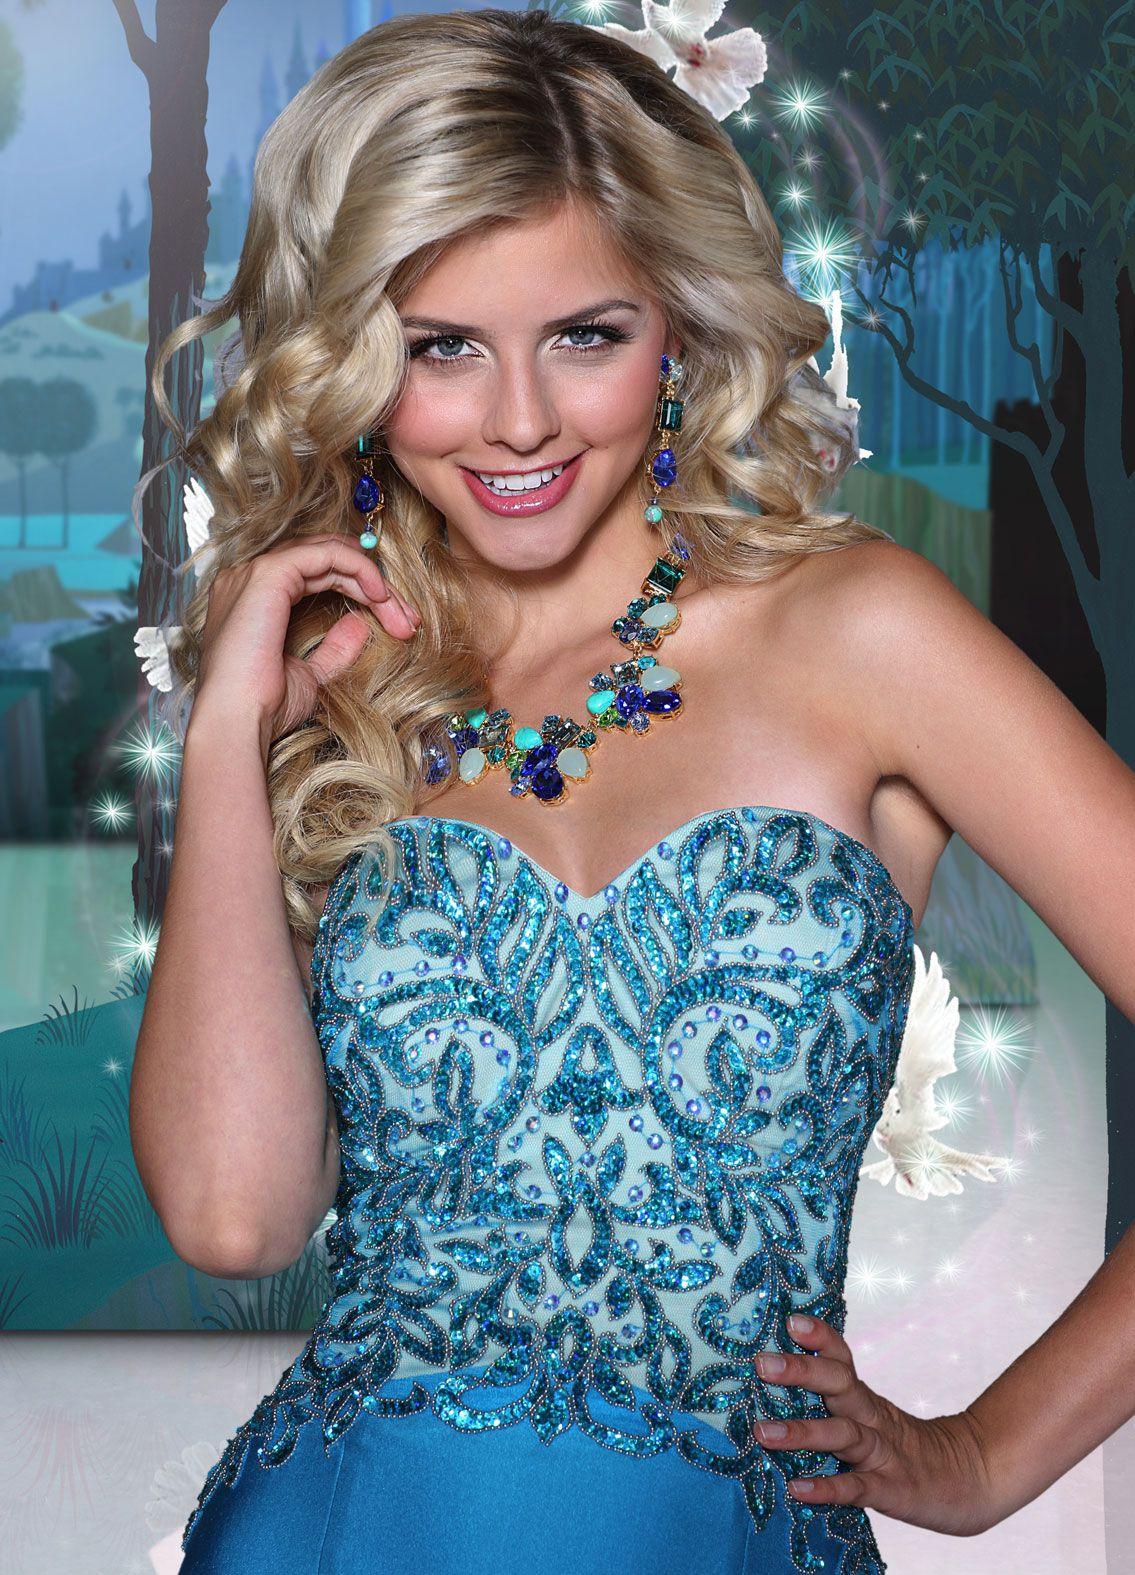 Disney Forever Enchanted Prom Dresses | Prom / semi | Pinterest ...